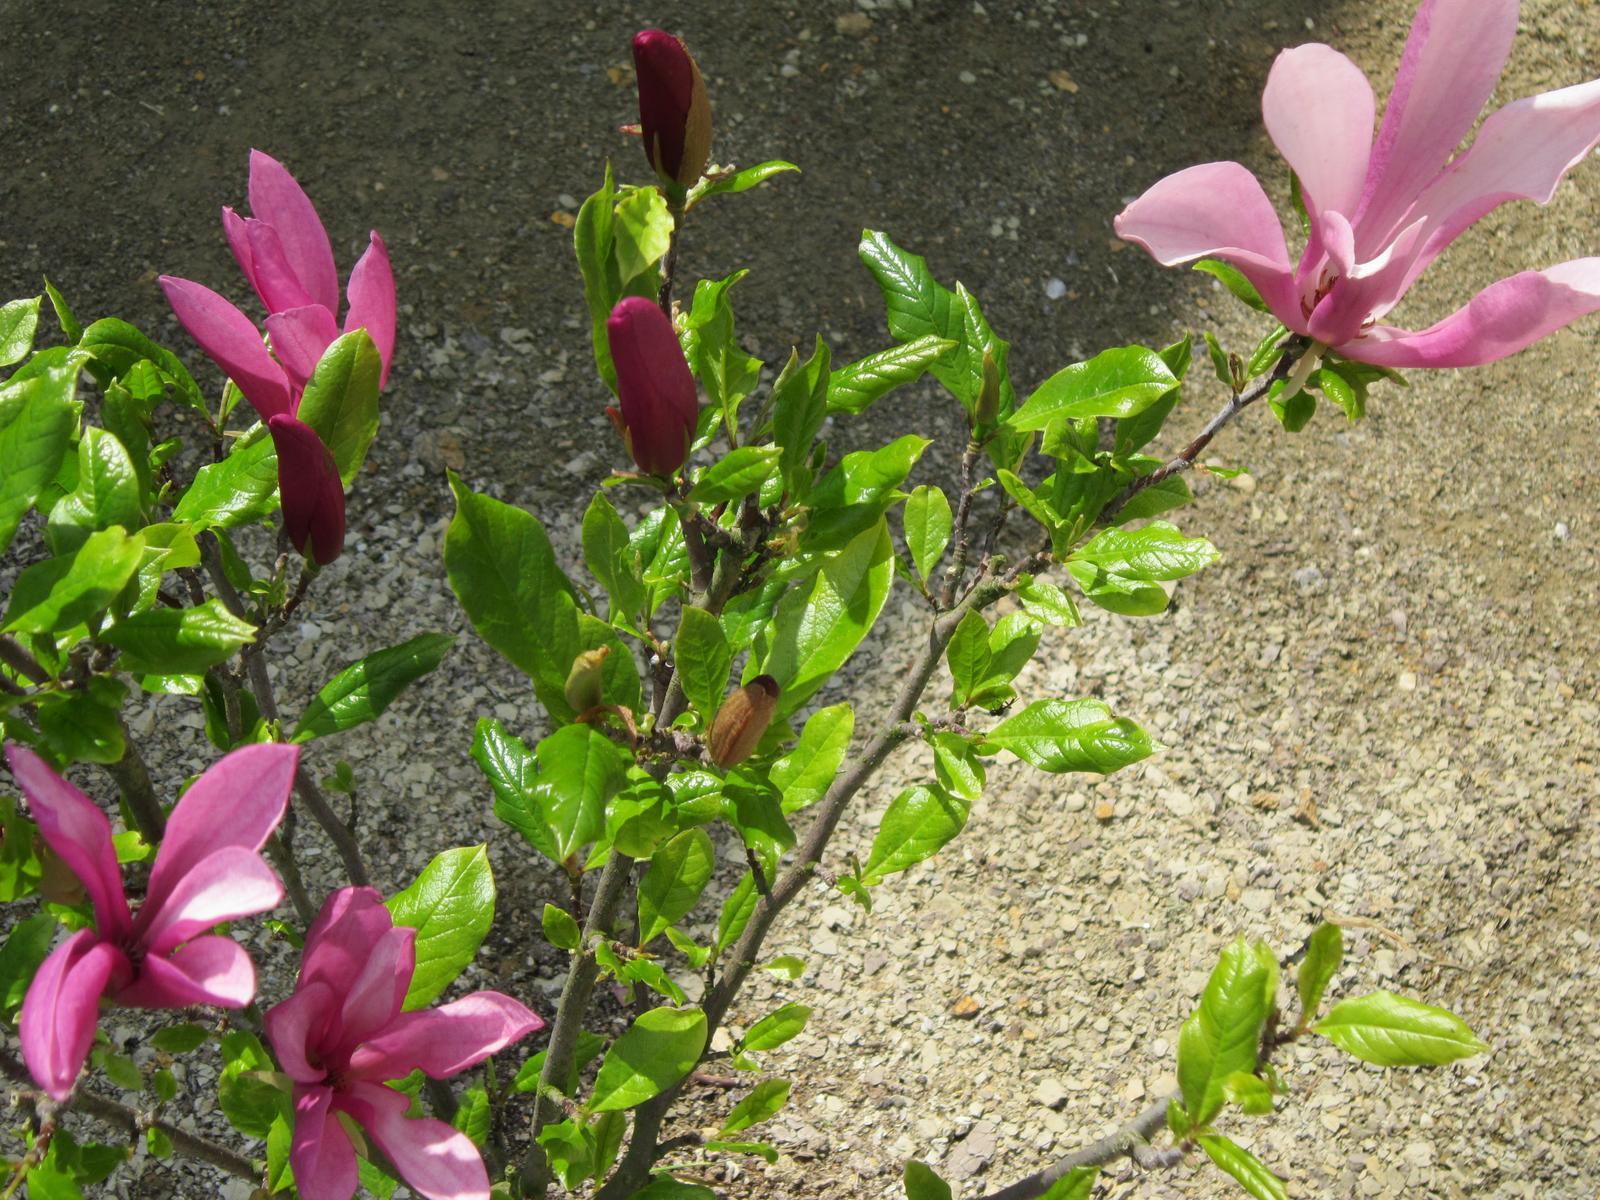 Moja záhrada...ako šiel čas - magnólia susan